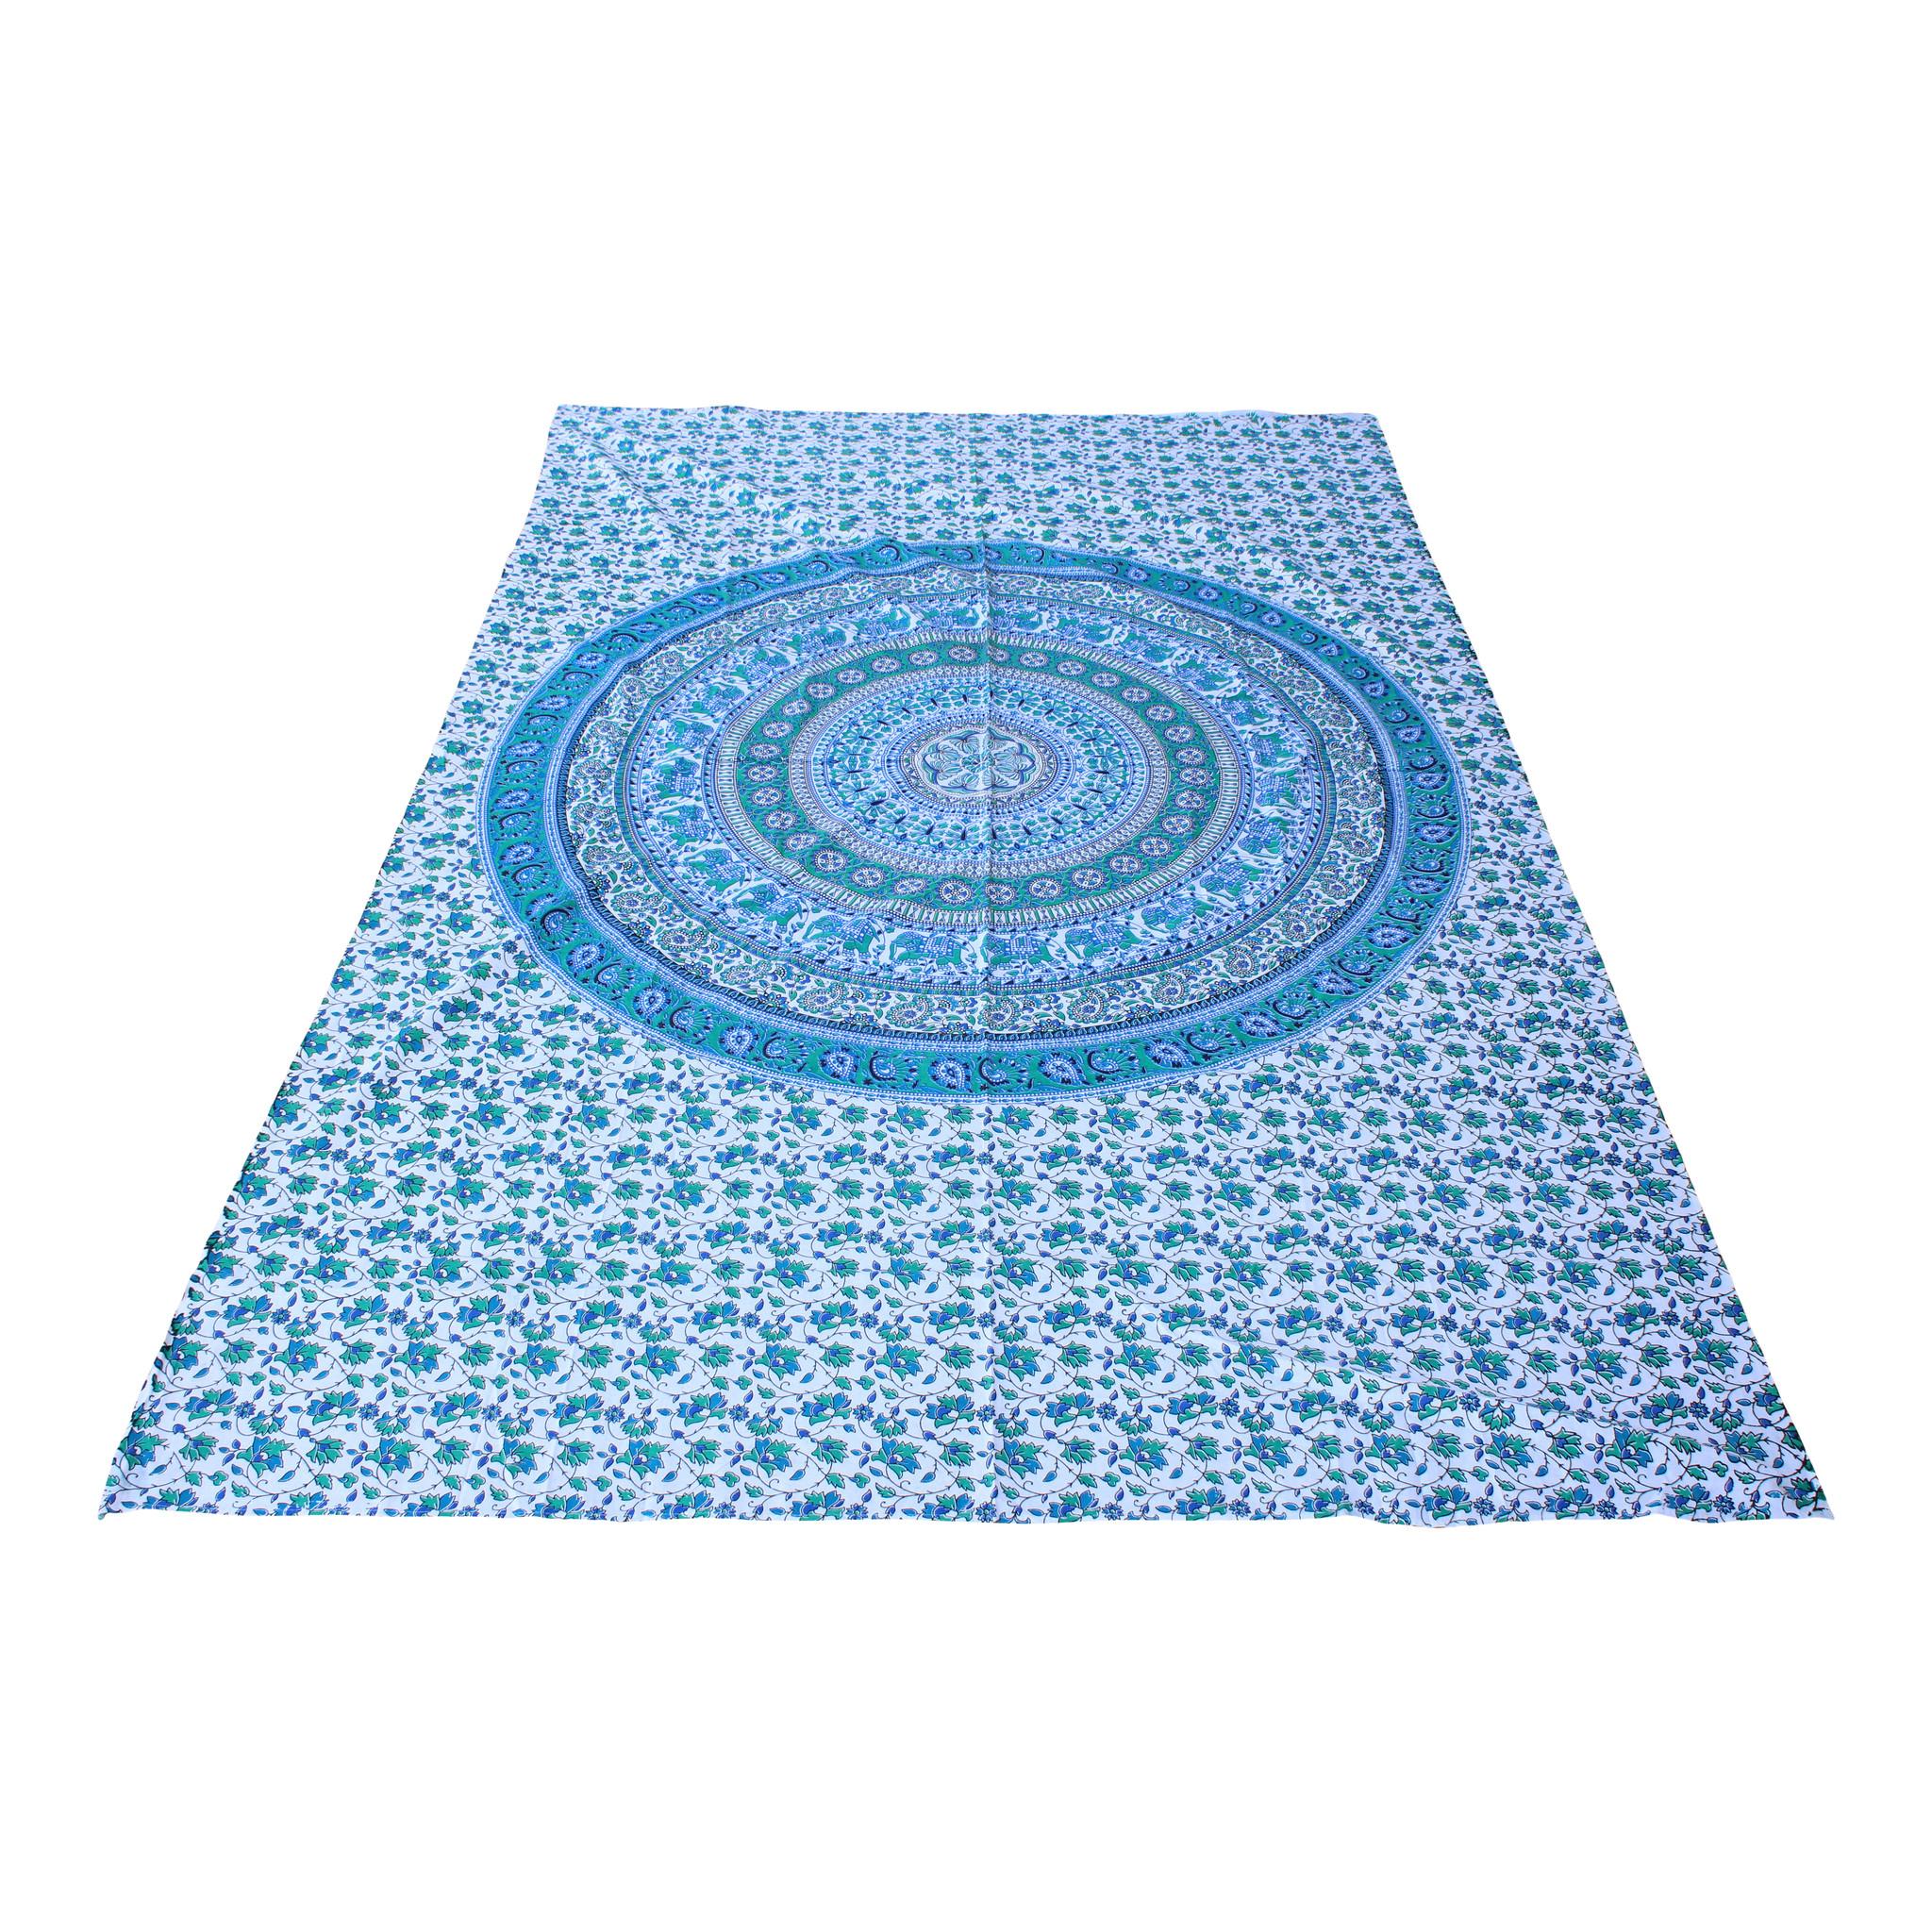 Myroundie Myroundie – roundie  - rechthoekig strandlaken – strandkleed - yoga kleed - picknickkleed - speelkleed - muurkleed - 100% katoen  - 140 x 210 cm - 839